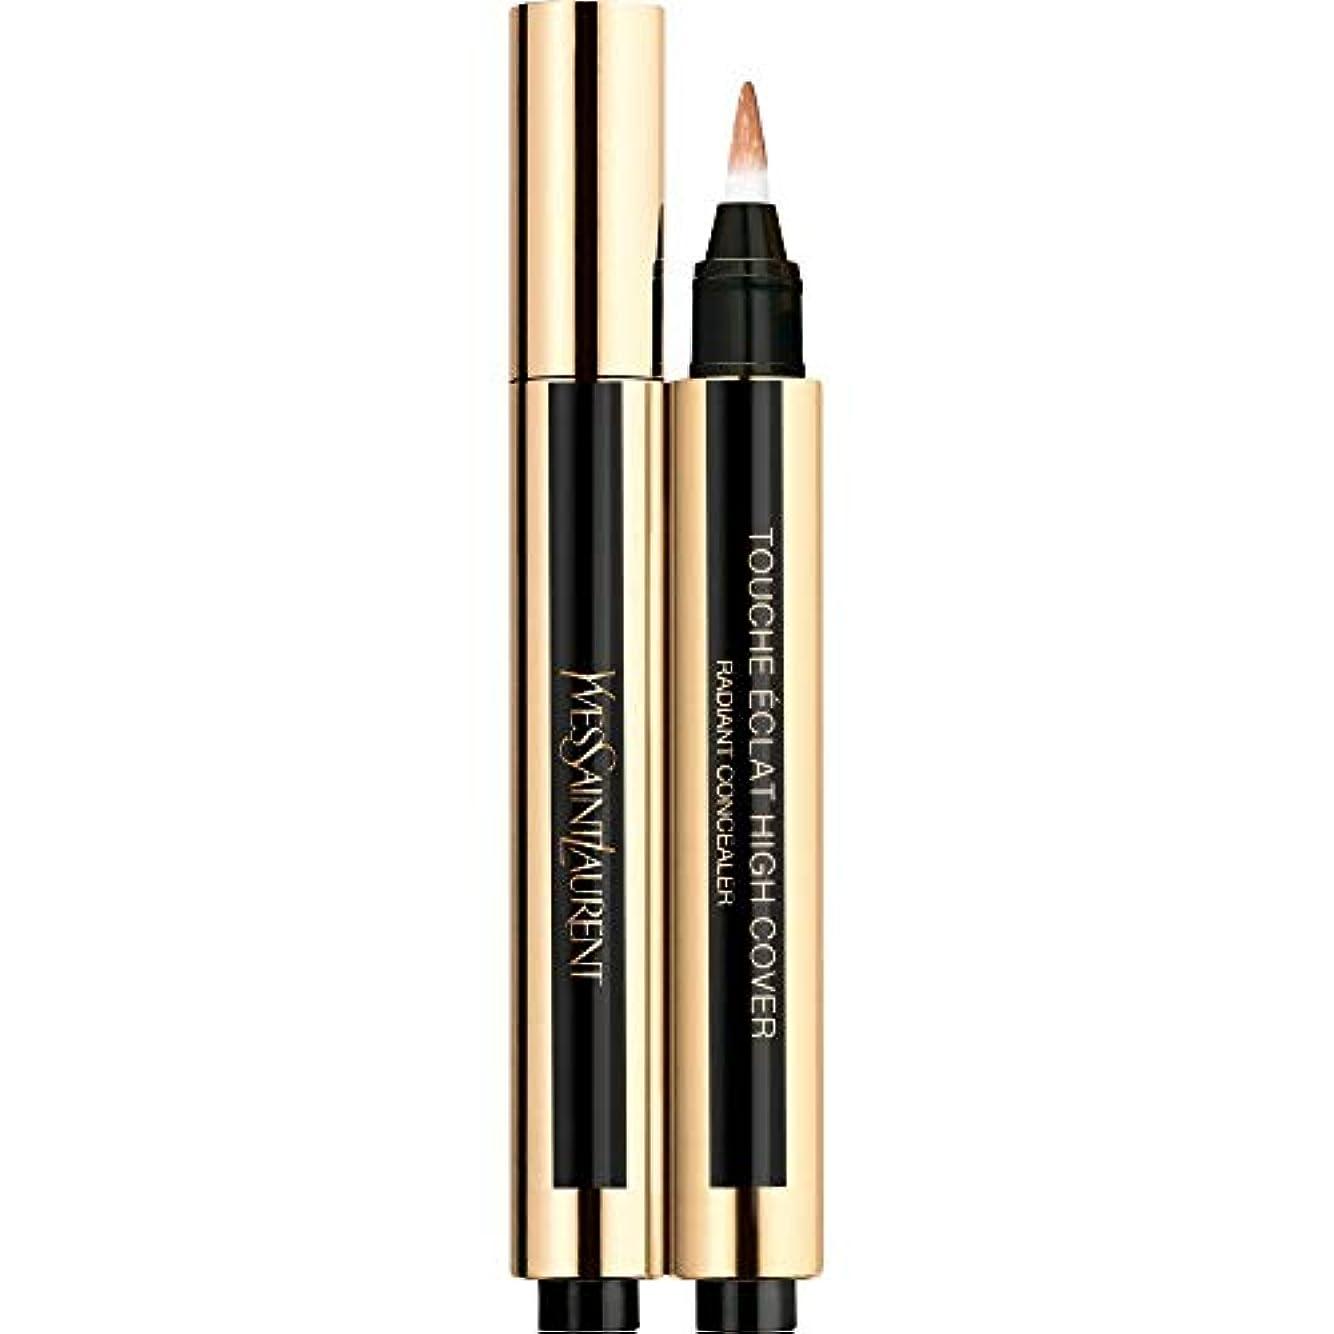 減衰租界清める[Yves Saint Laurent] 5.5 2.5ミリリットルイヴ・サンローランのトウシュエクラ高いカバー放射コンシーラーペン - 暖かい日焼け - Yves Saint Laurent Touche Eclat High Cover Radiant Concealer Pen 2.5ml 5.5 - Warm Tan [並行輸入品]